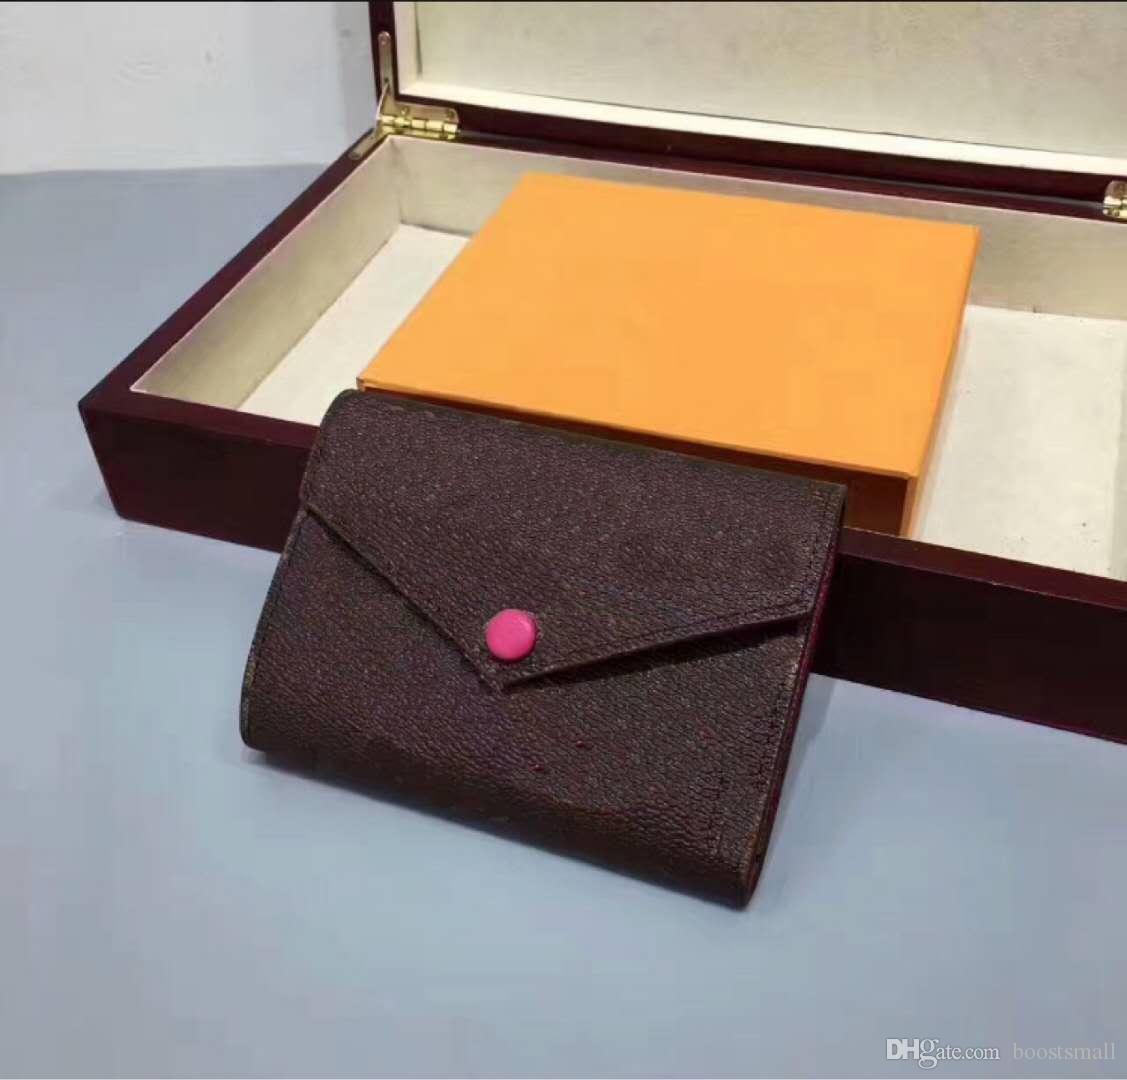 2020 HOT Clasicc femme Porte-monnaie en cuir avec New Portefeuilles pour femme Porte-Monnaie Portefeuille Portefeuille court impression